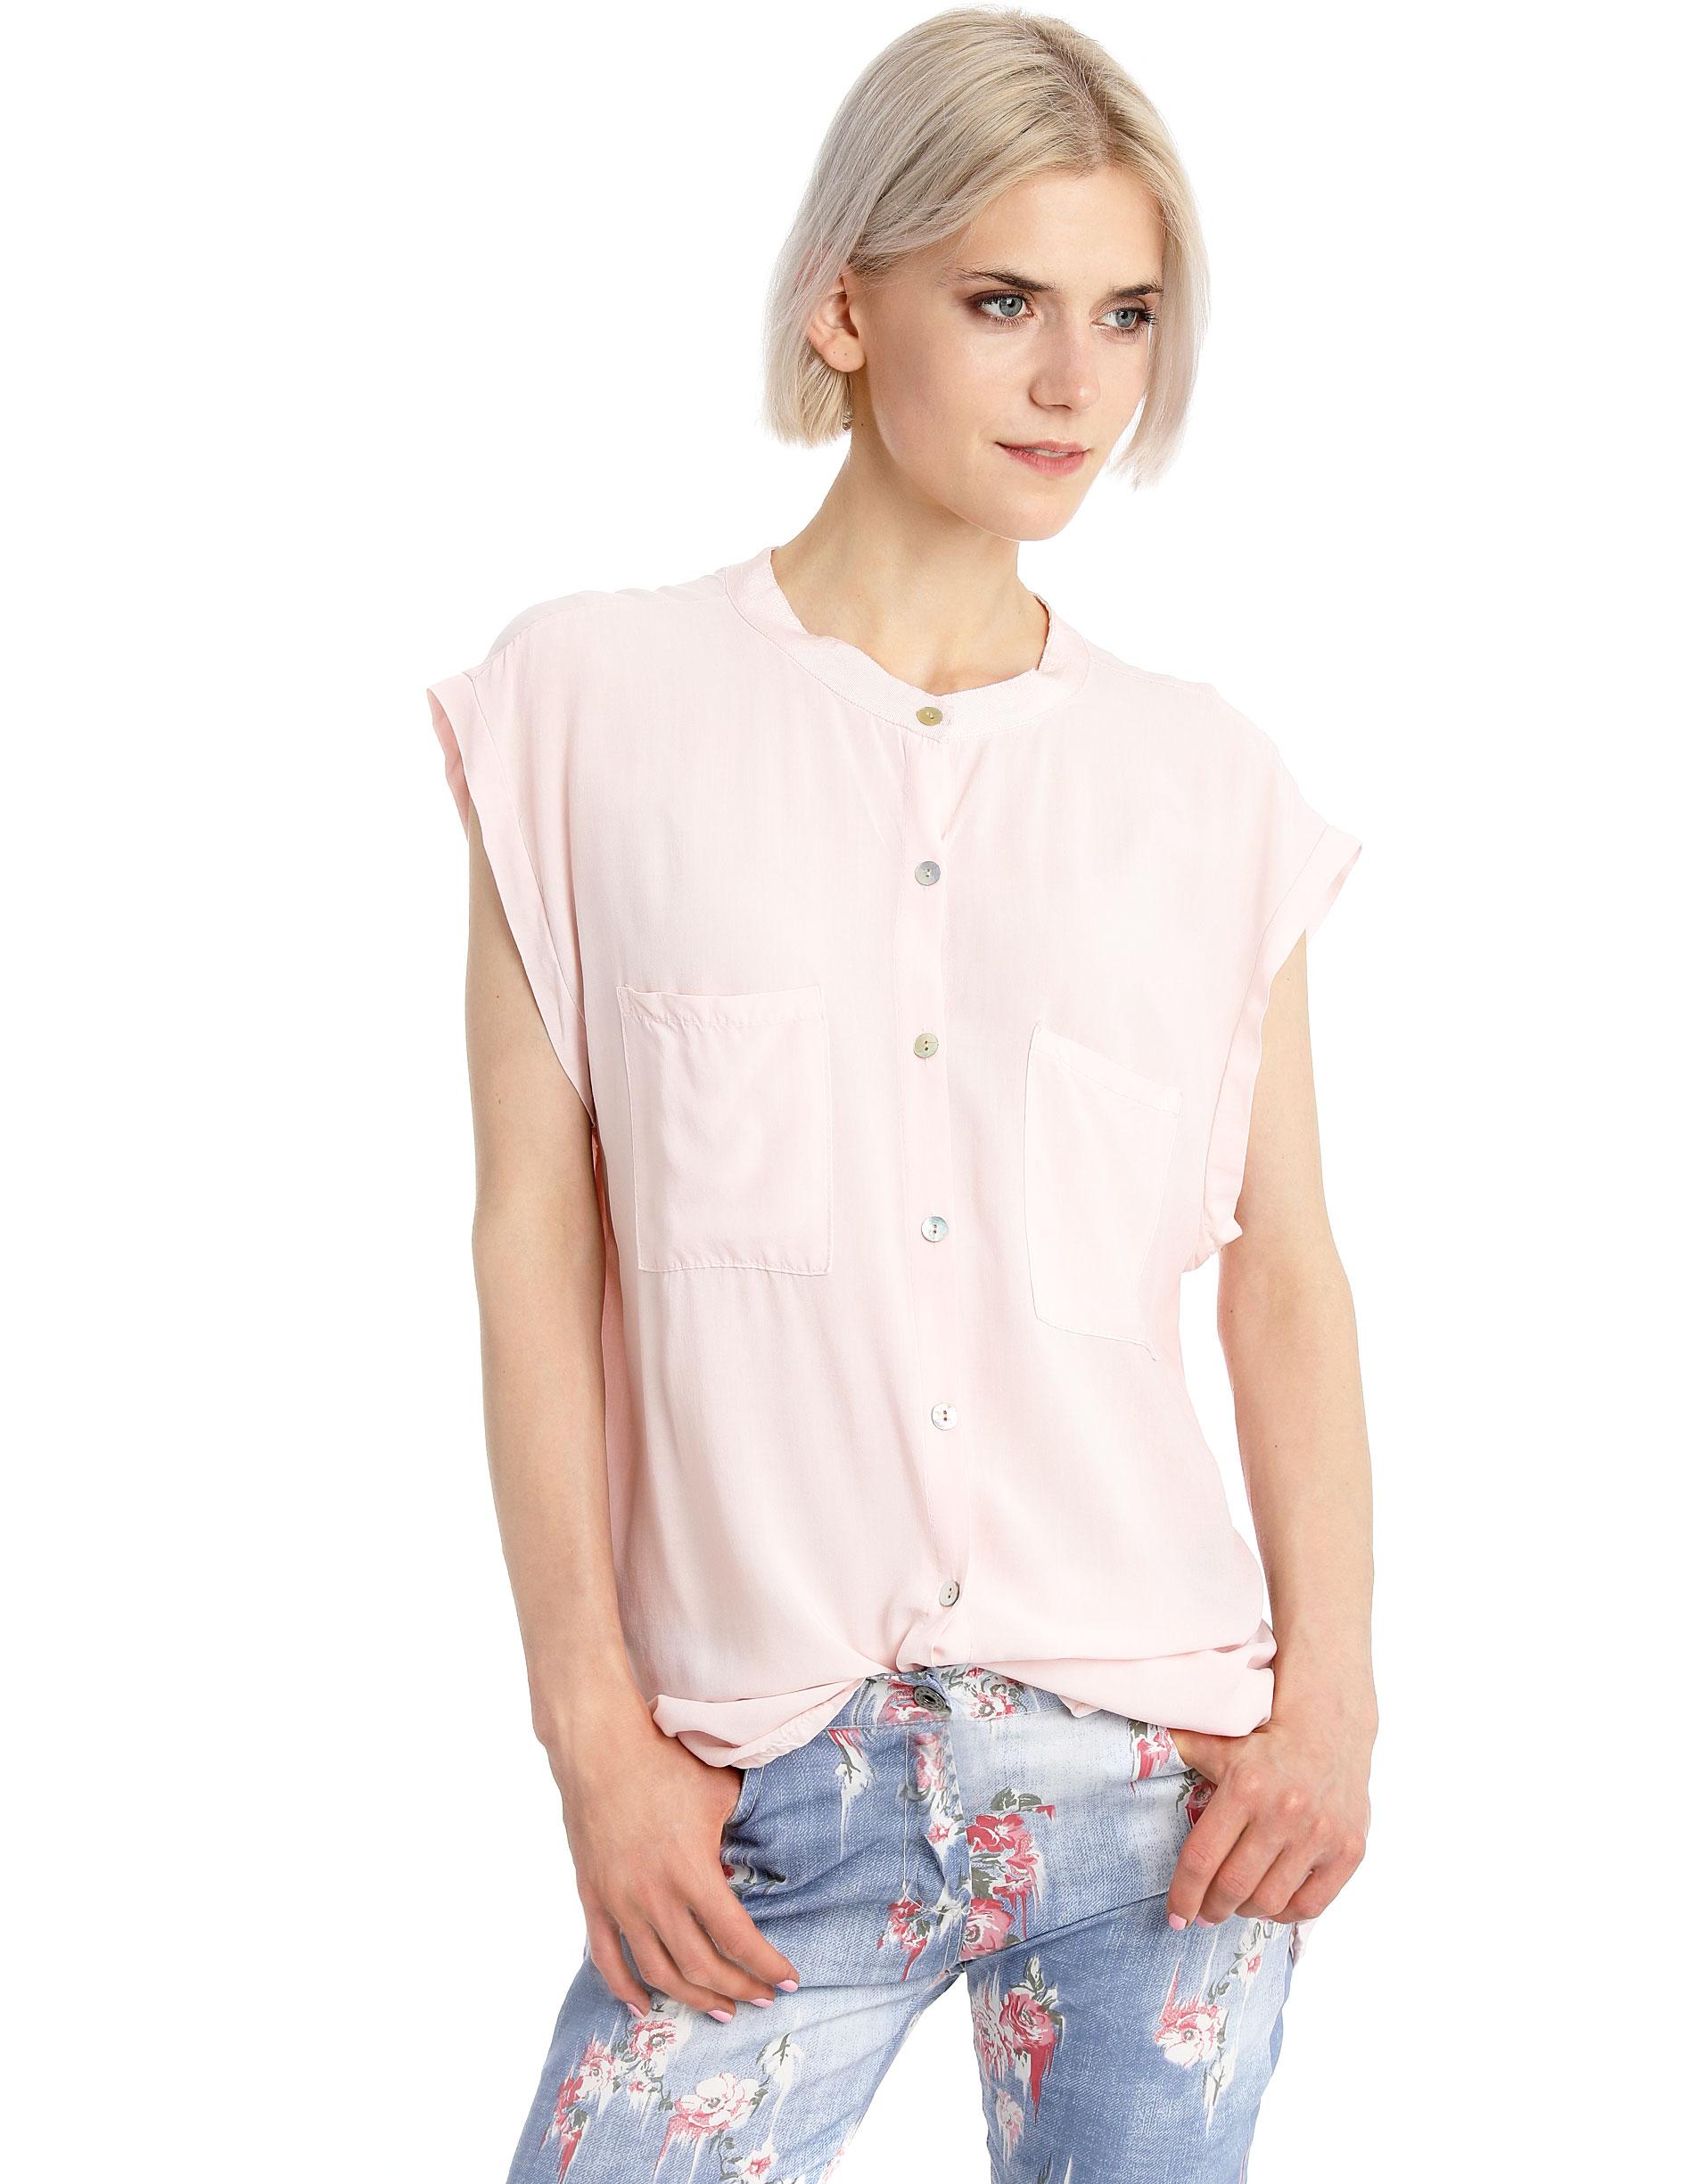 Koszula - 113-8010 ROSA - Unisono